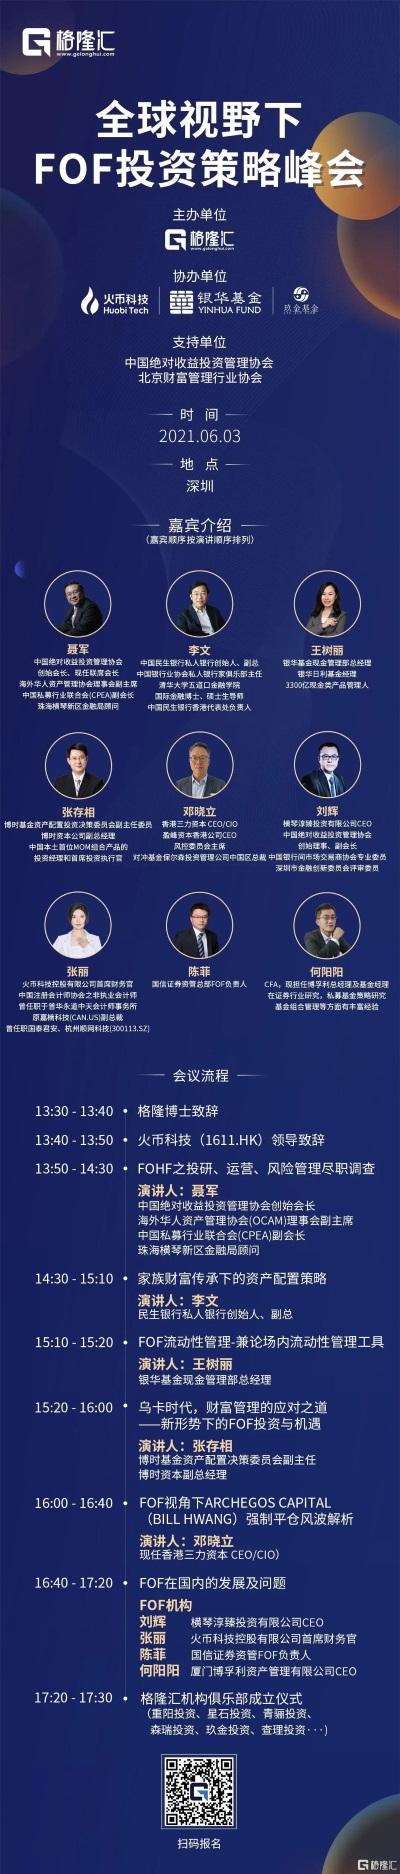 格隆汇首届 | 全球视野下FOF投资策略峰会